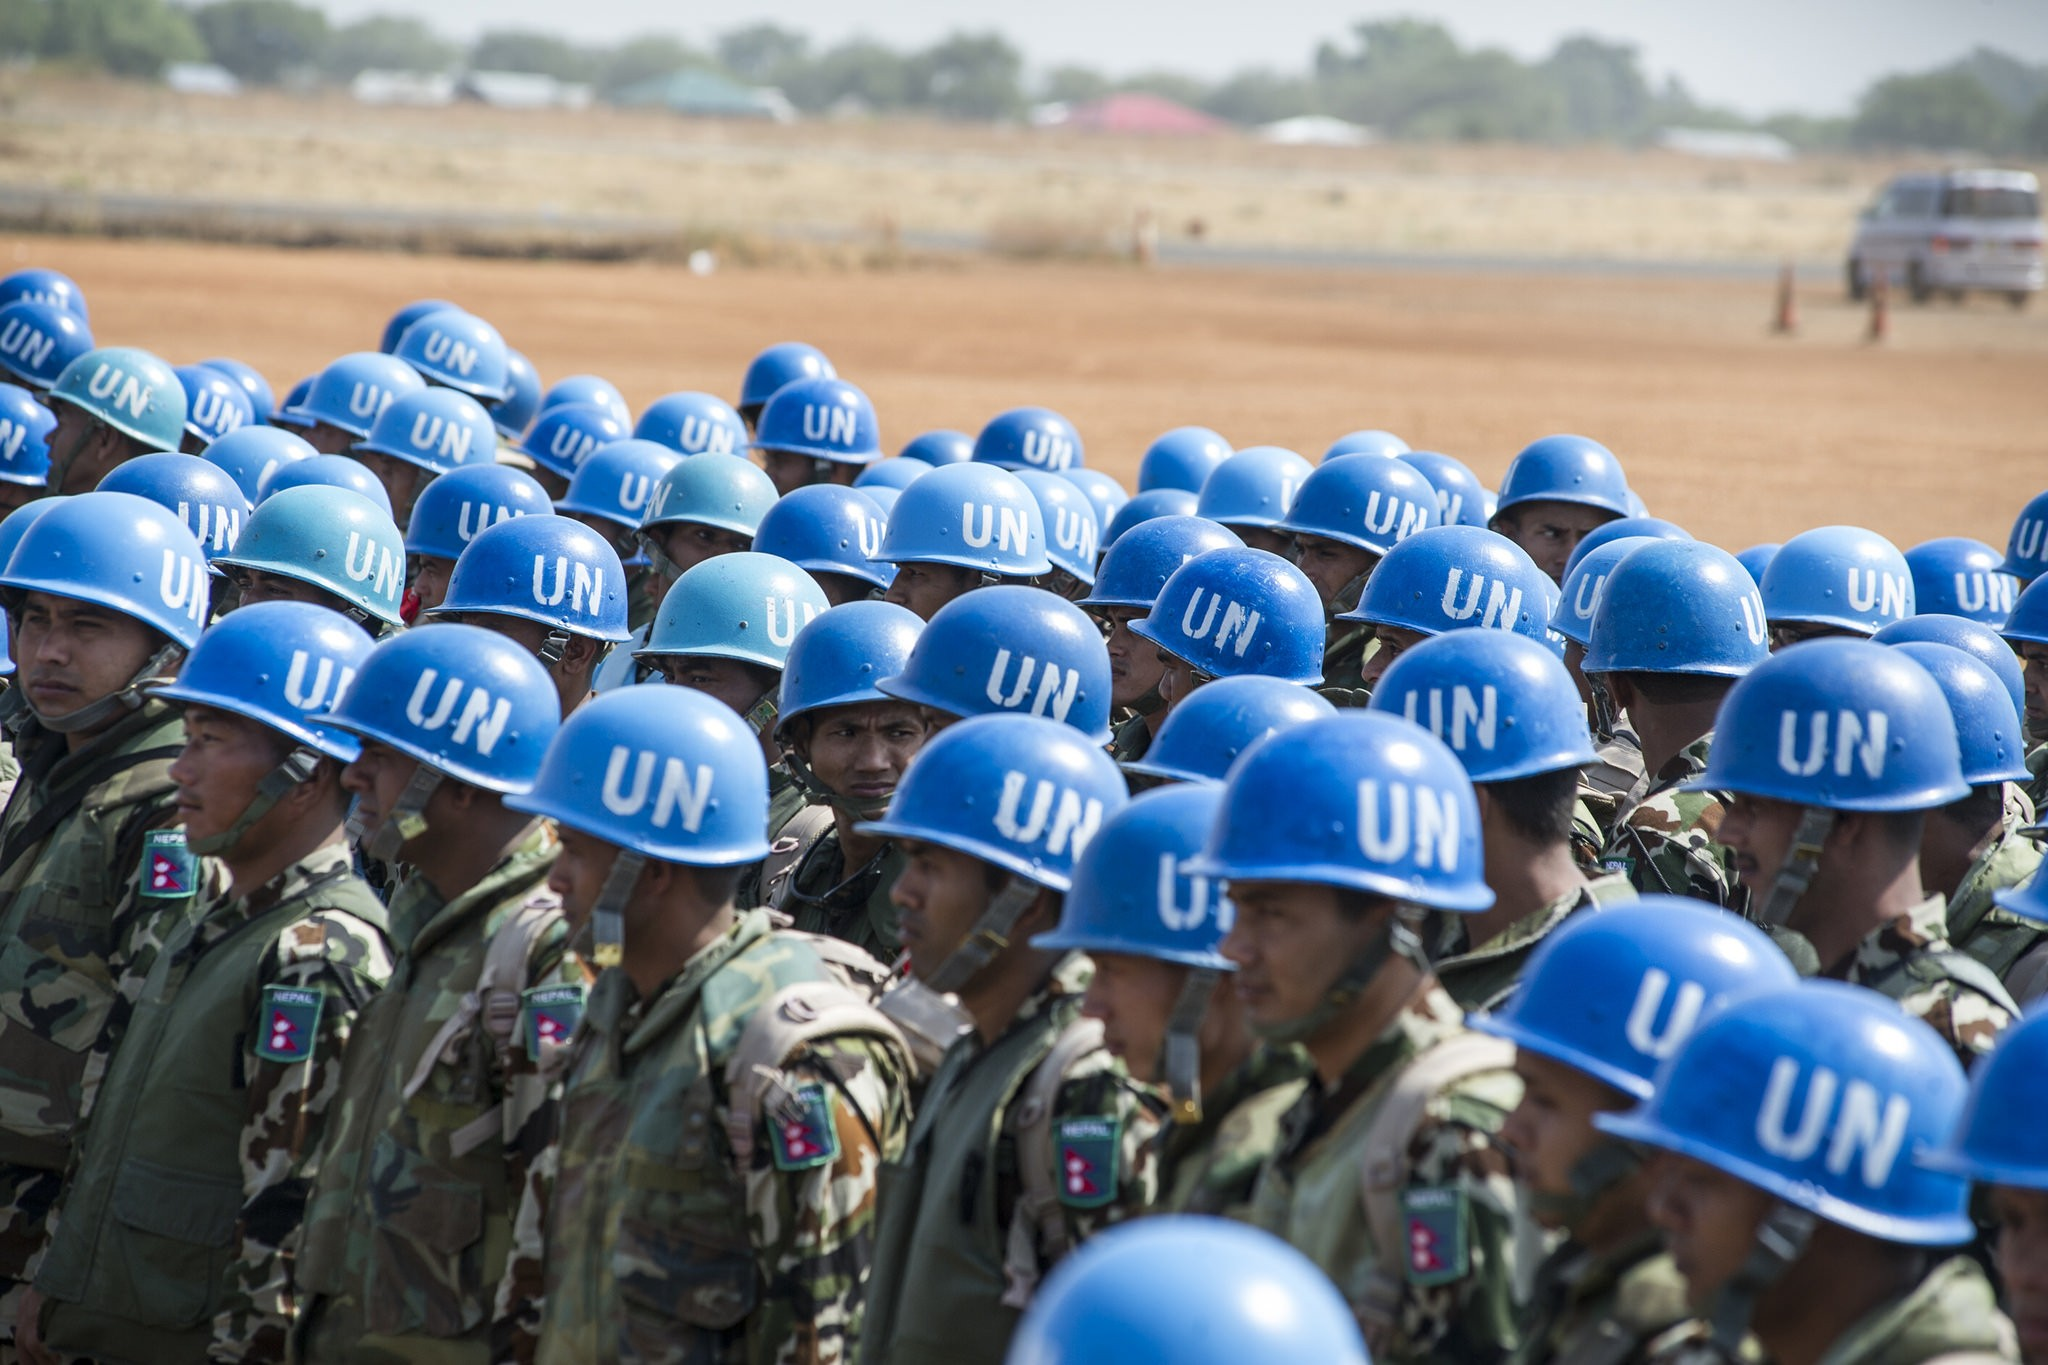 Генсек ООН: Миротворческие операции окупаются сполна